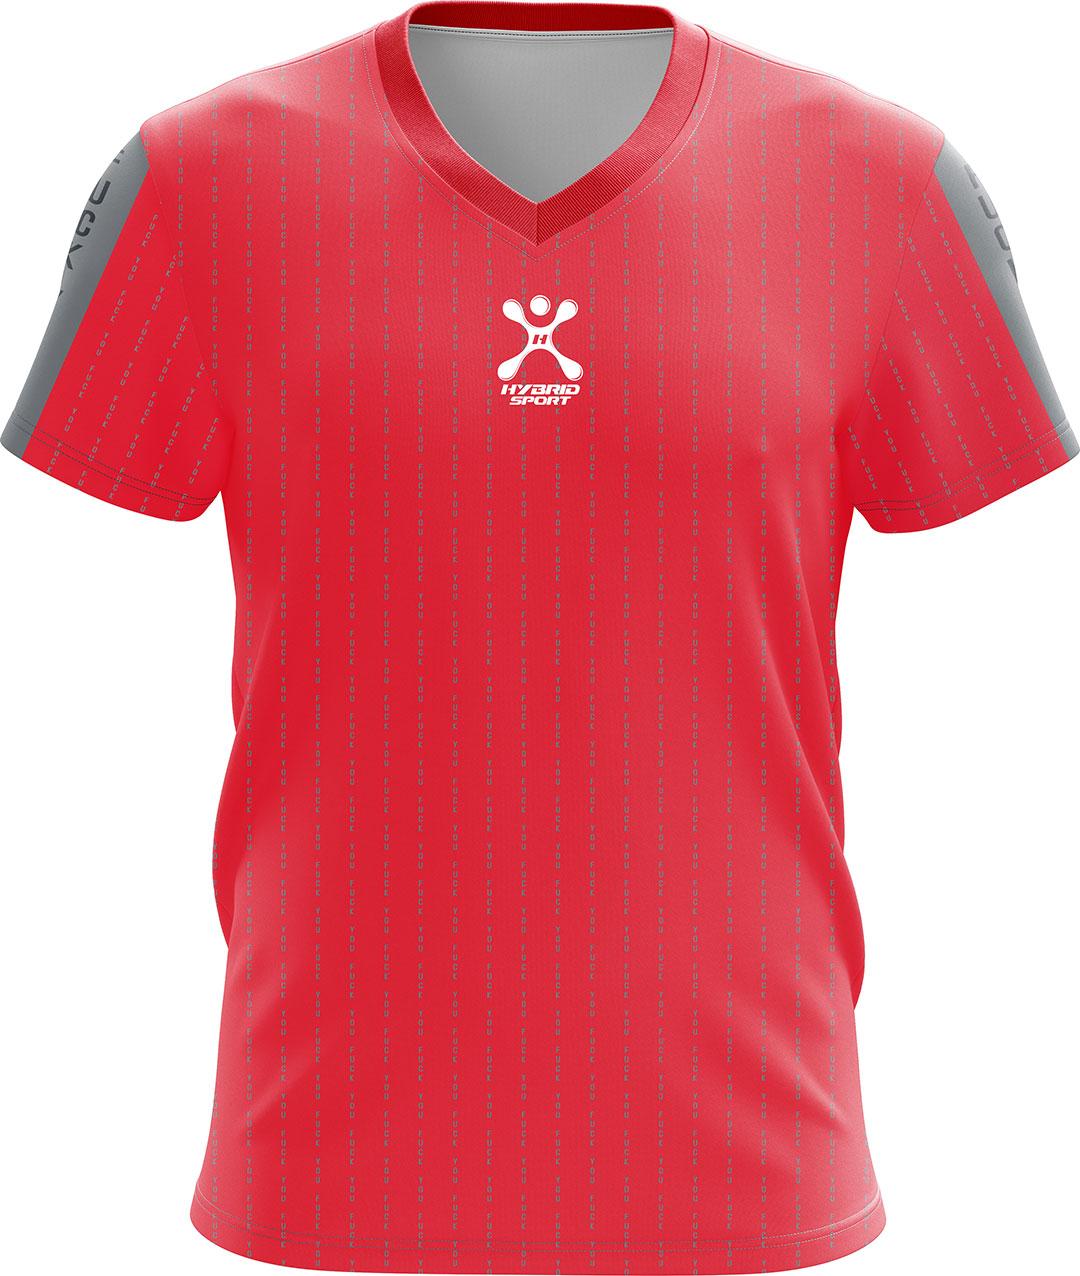 เสื้อ Hybrid Sport รุ่น'' NEW Fxxk You''Limited Edition สีแดง / Red